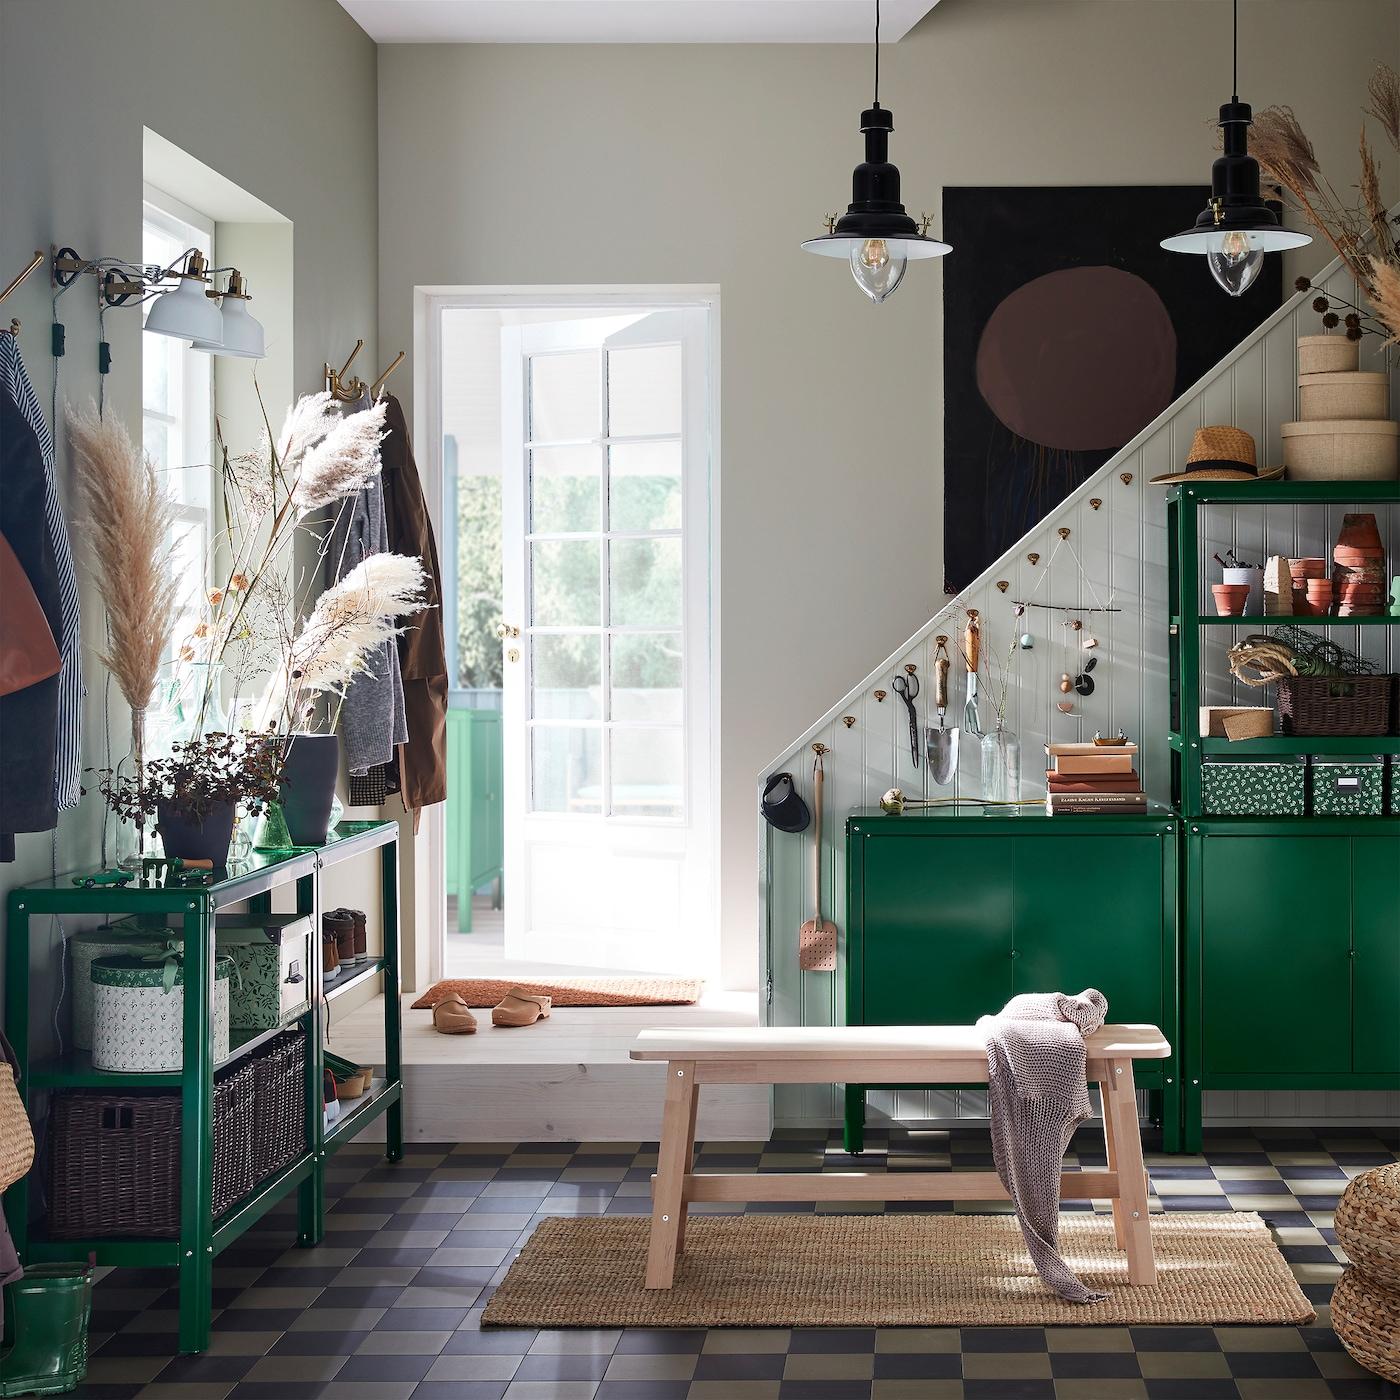 مدخل به وحدات رفوف وخزائن KOLBJÖRN لون أخضر، ومقعد من خشب البتولا، وسجادة من الجوت، ومصباحان معلقان لون أسود.